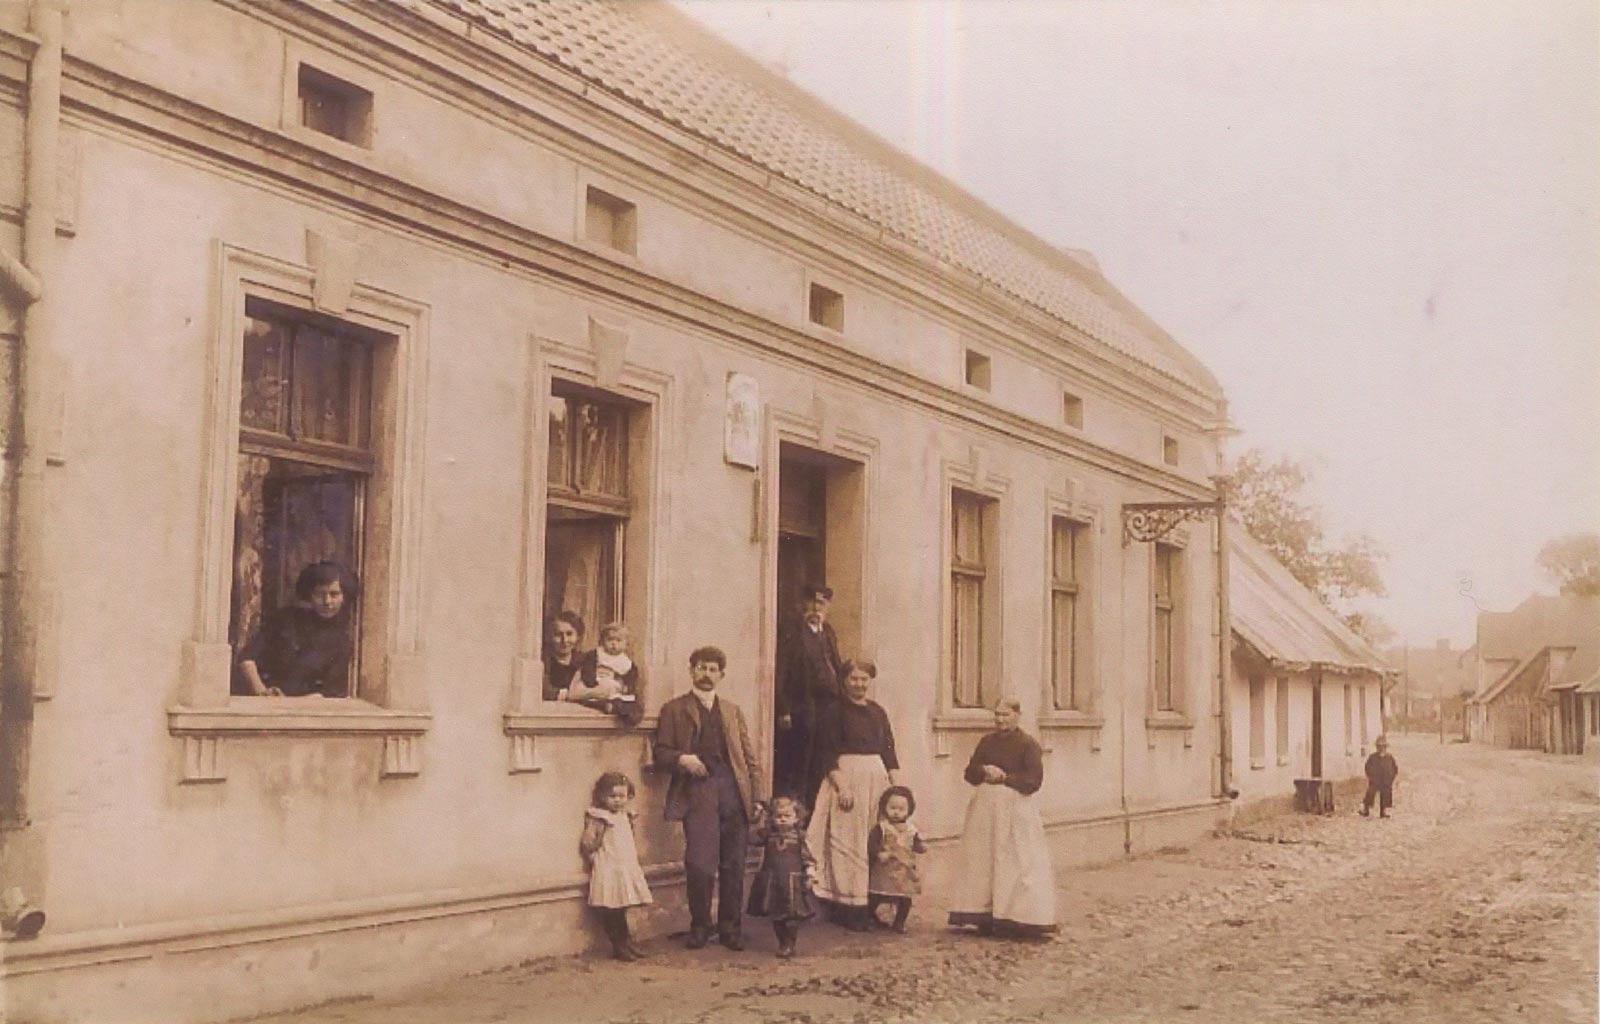 Dom ul. Poprzeczna, Kórnik - zdjęcie z 1912 roku